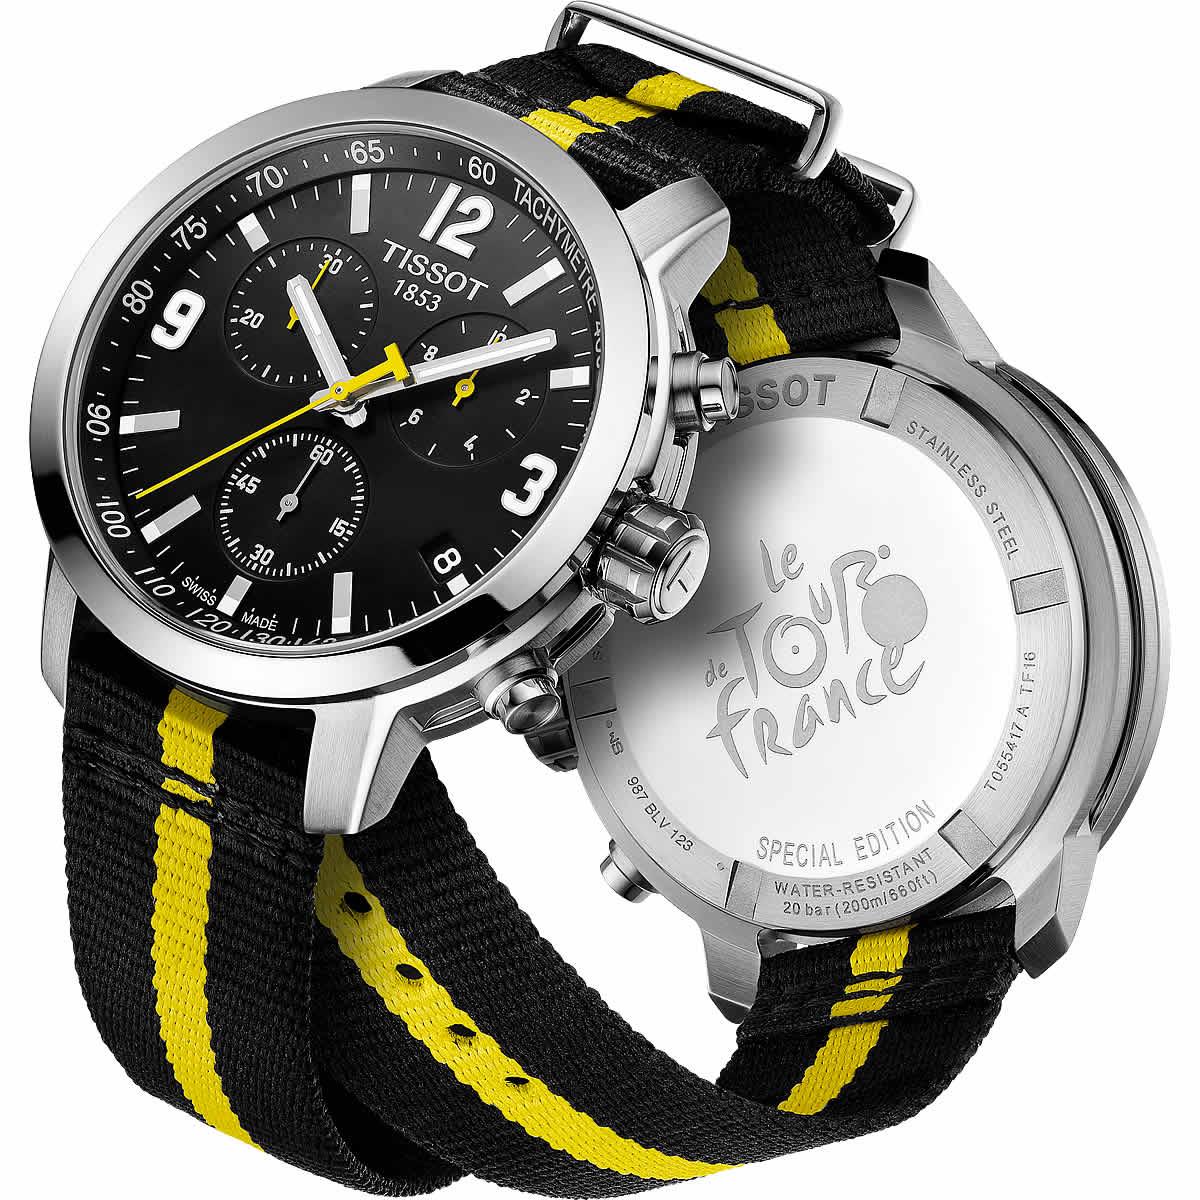 ティソ ツールド フランス 時計